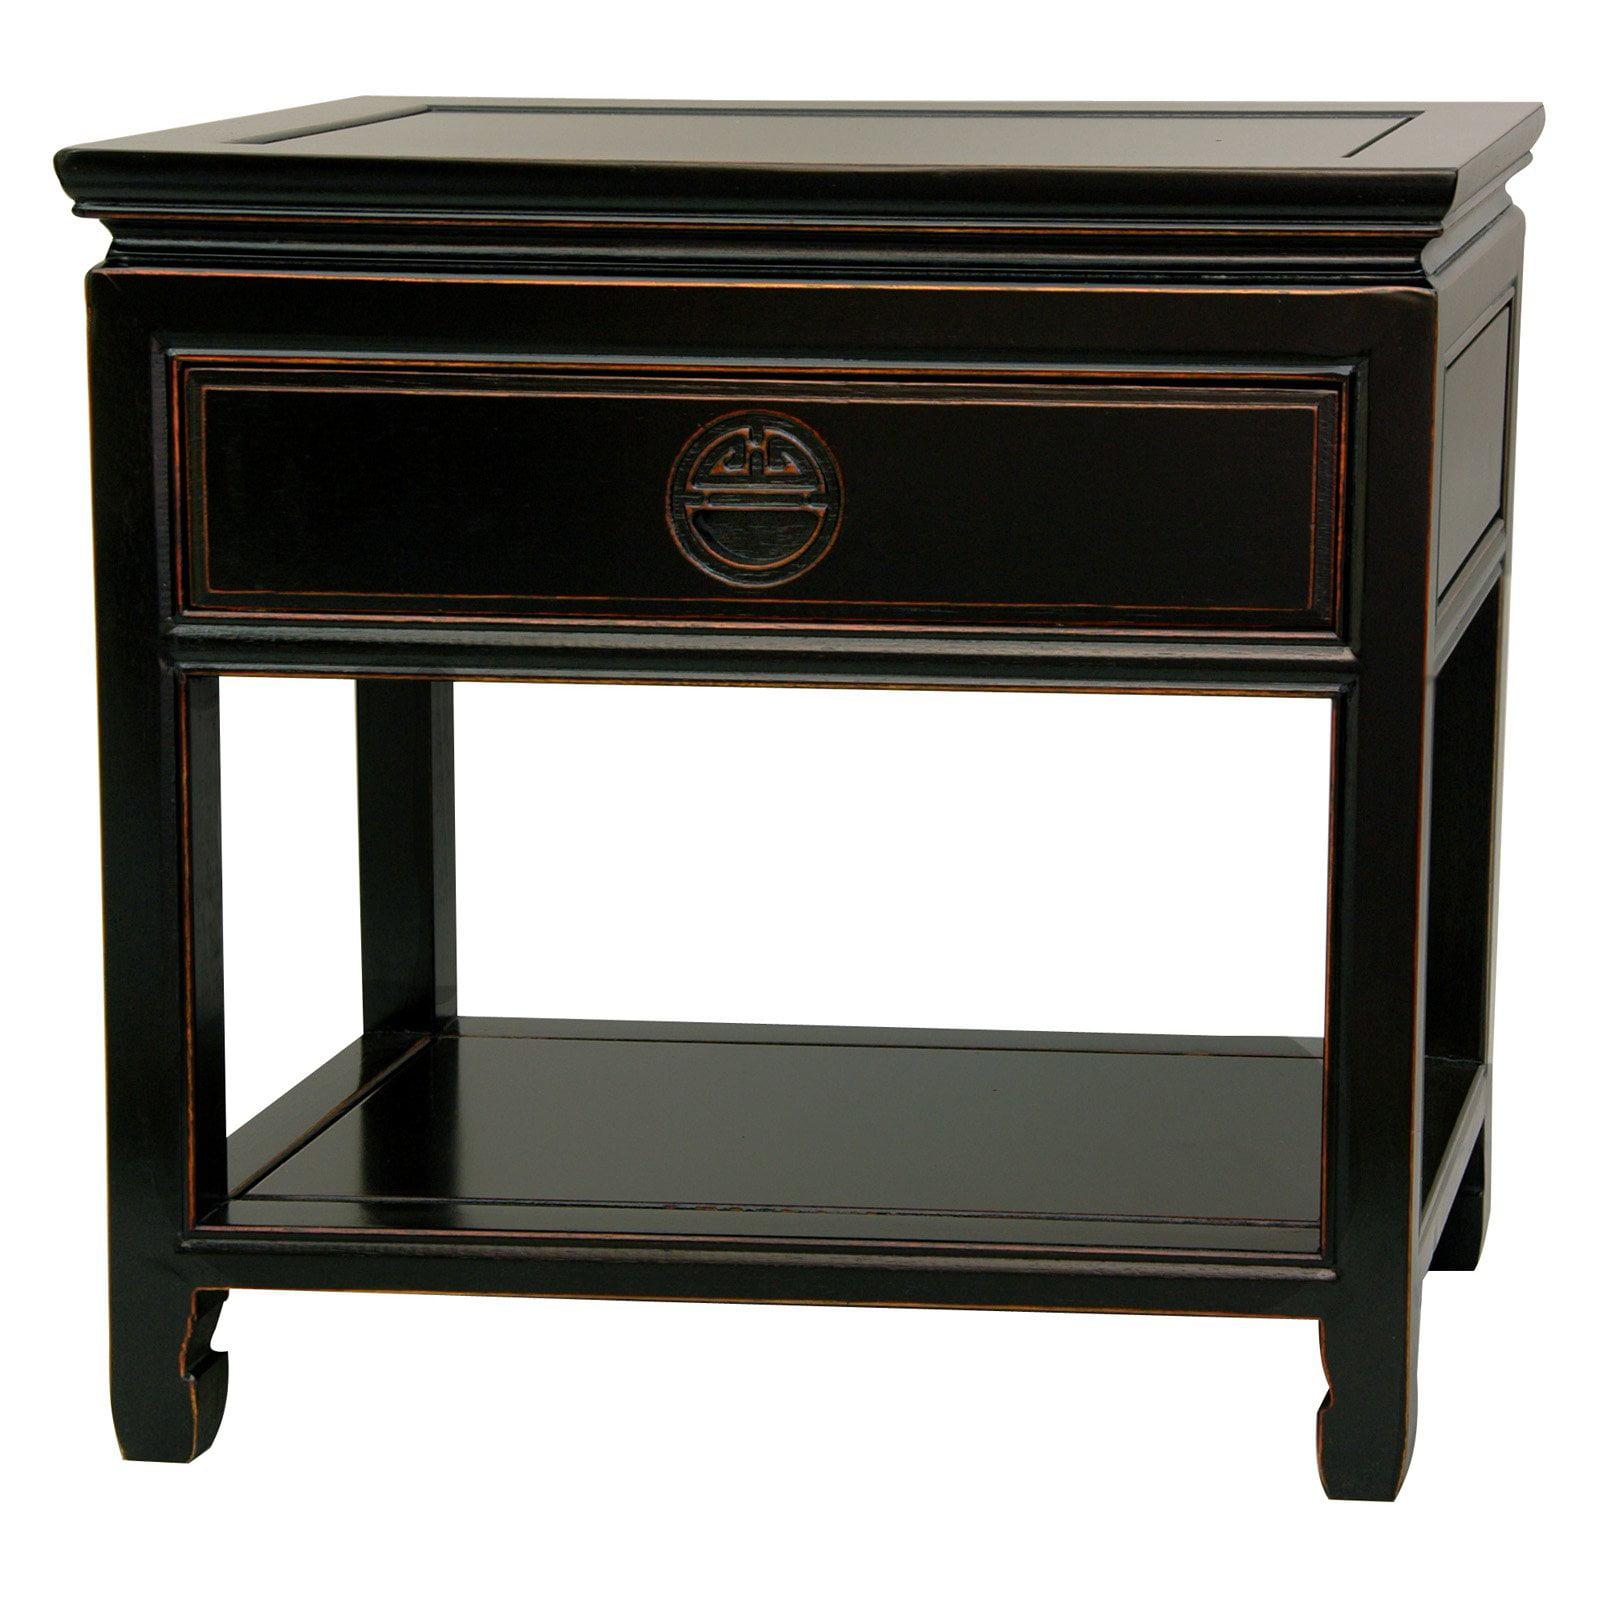 Rosewood Bedside Table, Antique Black